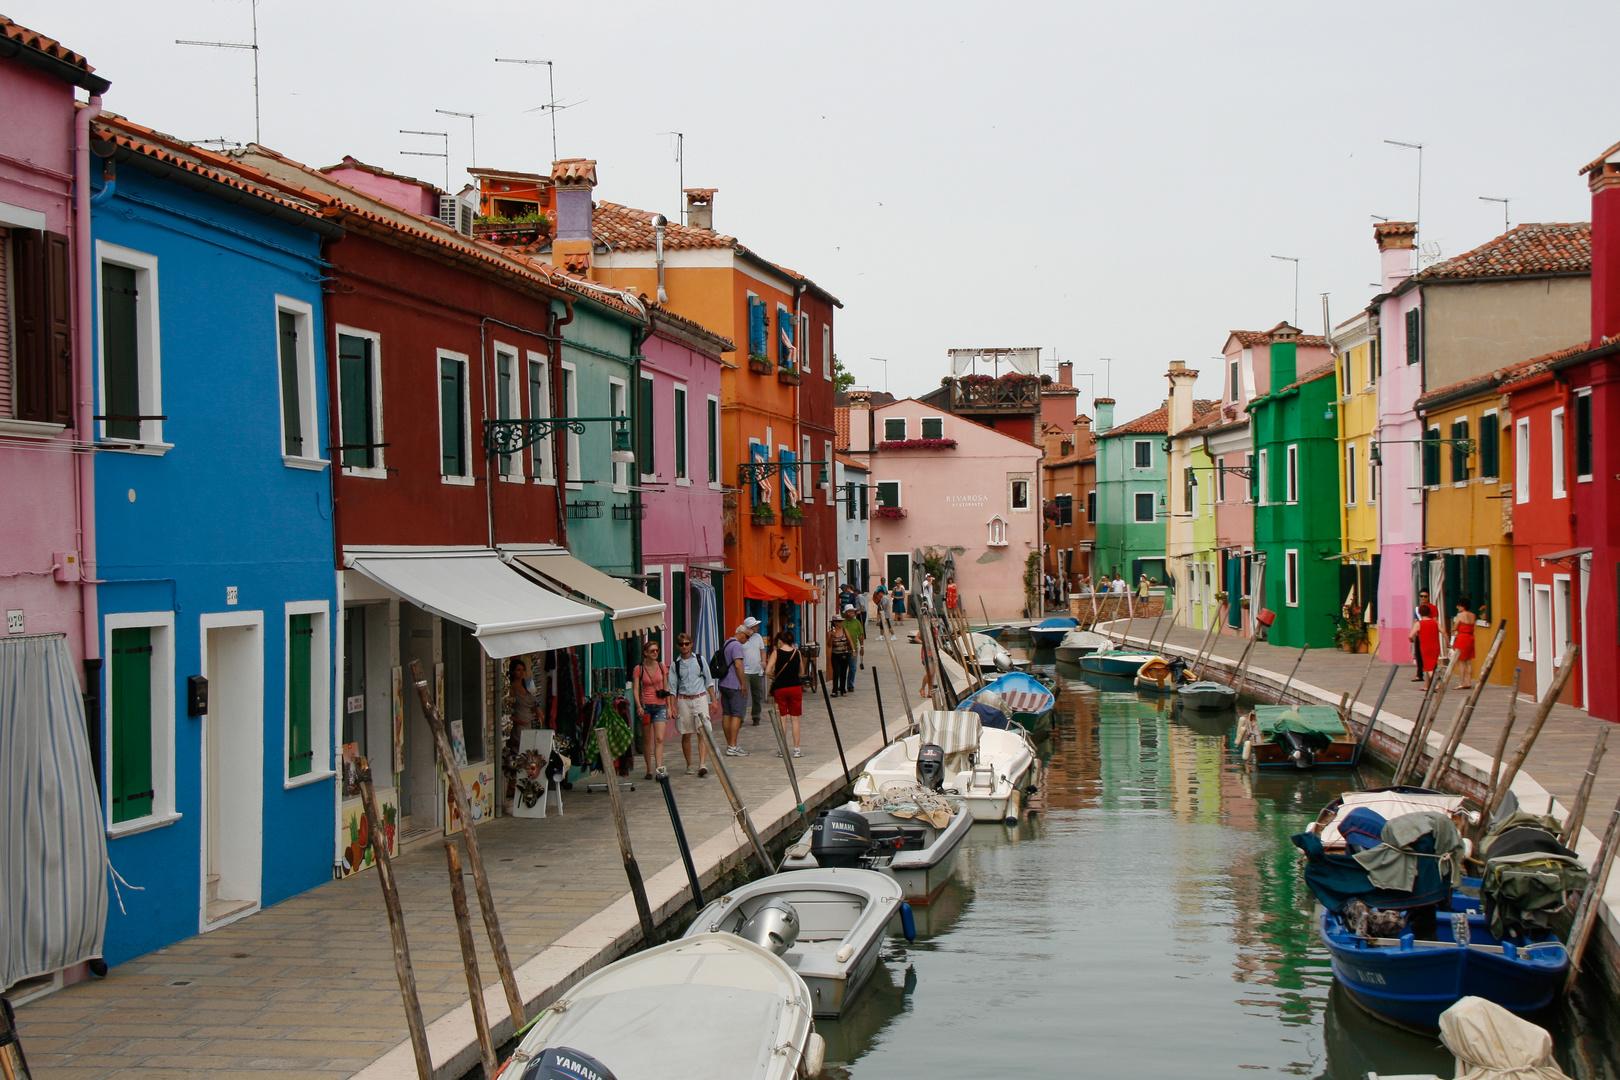 Kanal in Burano